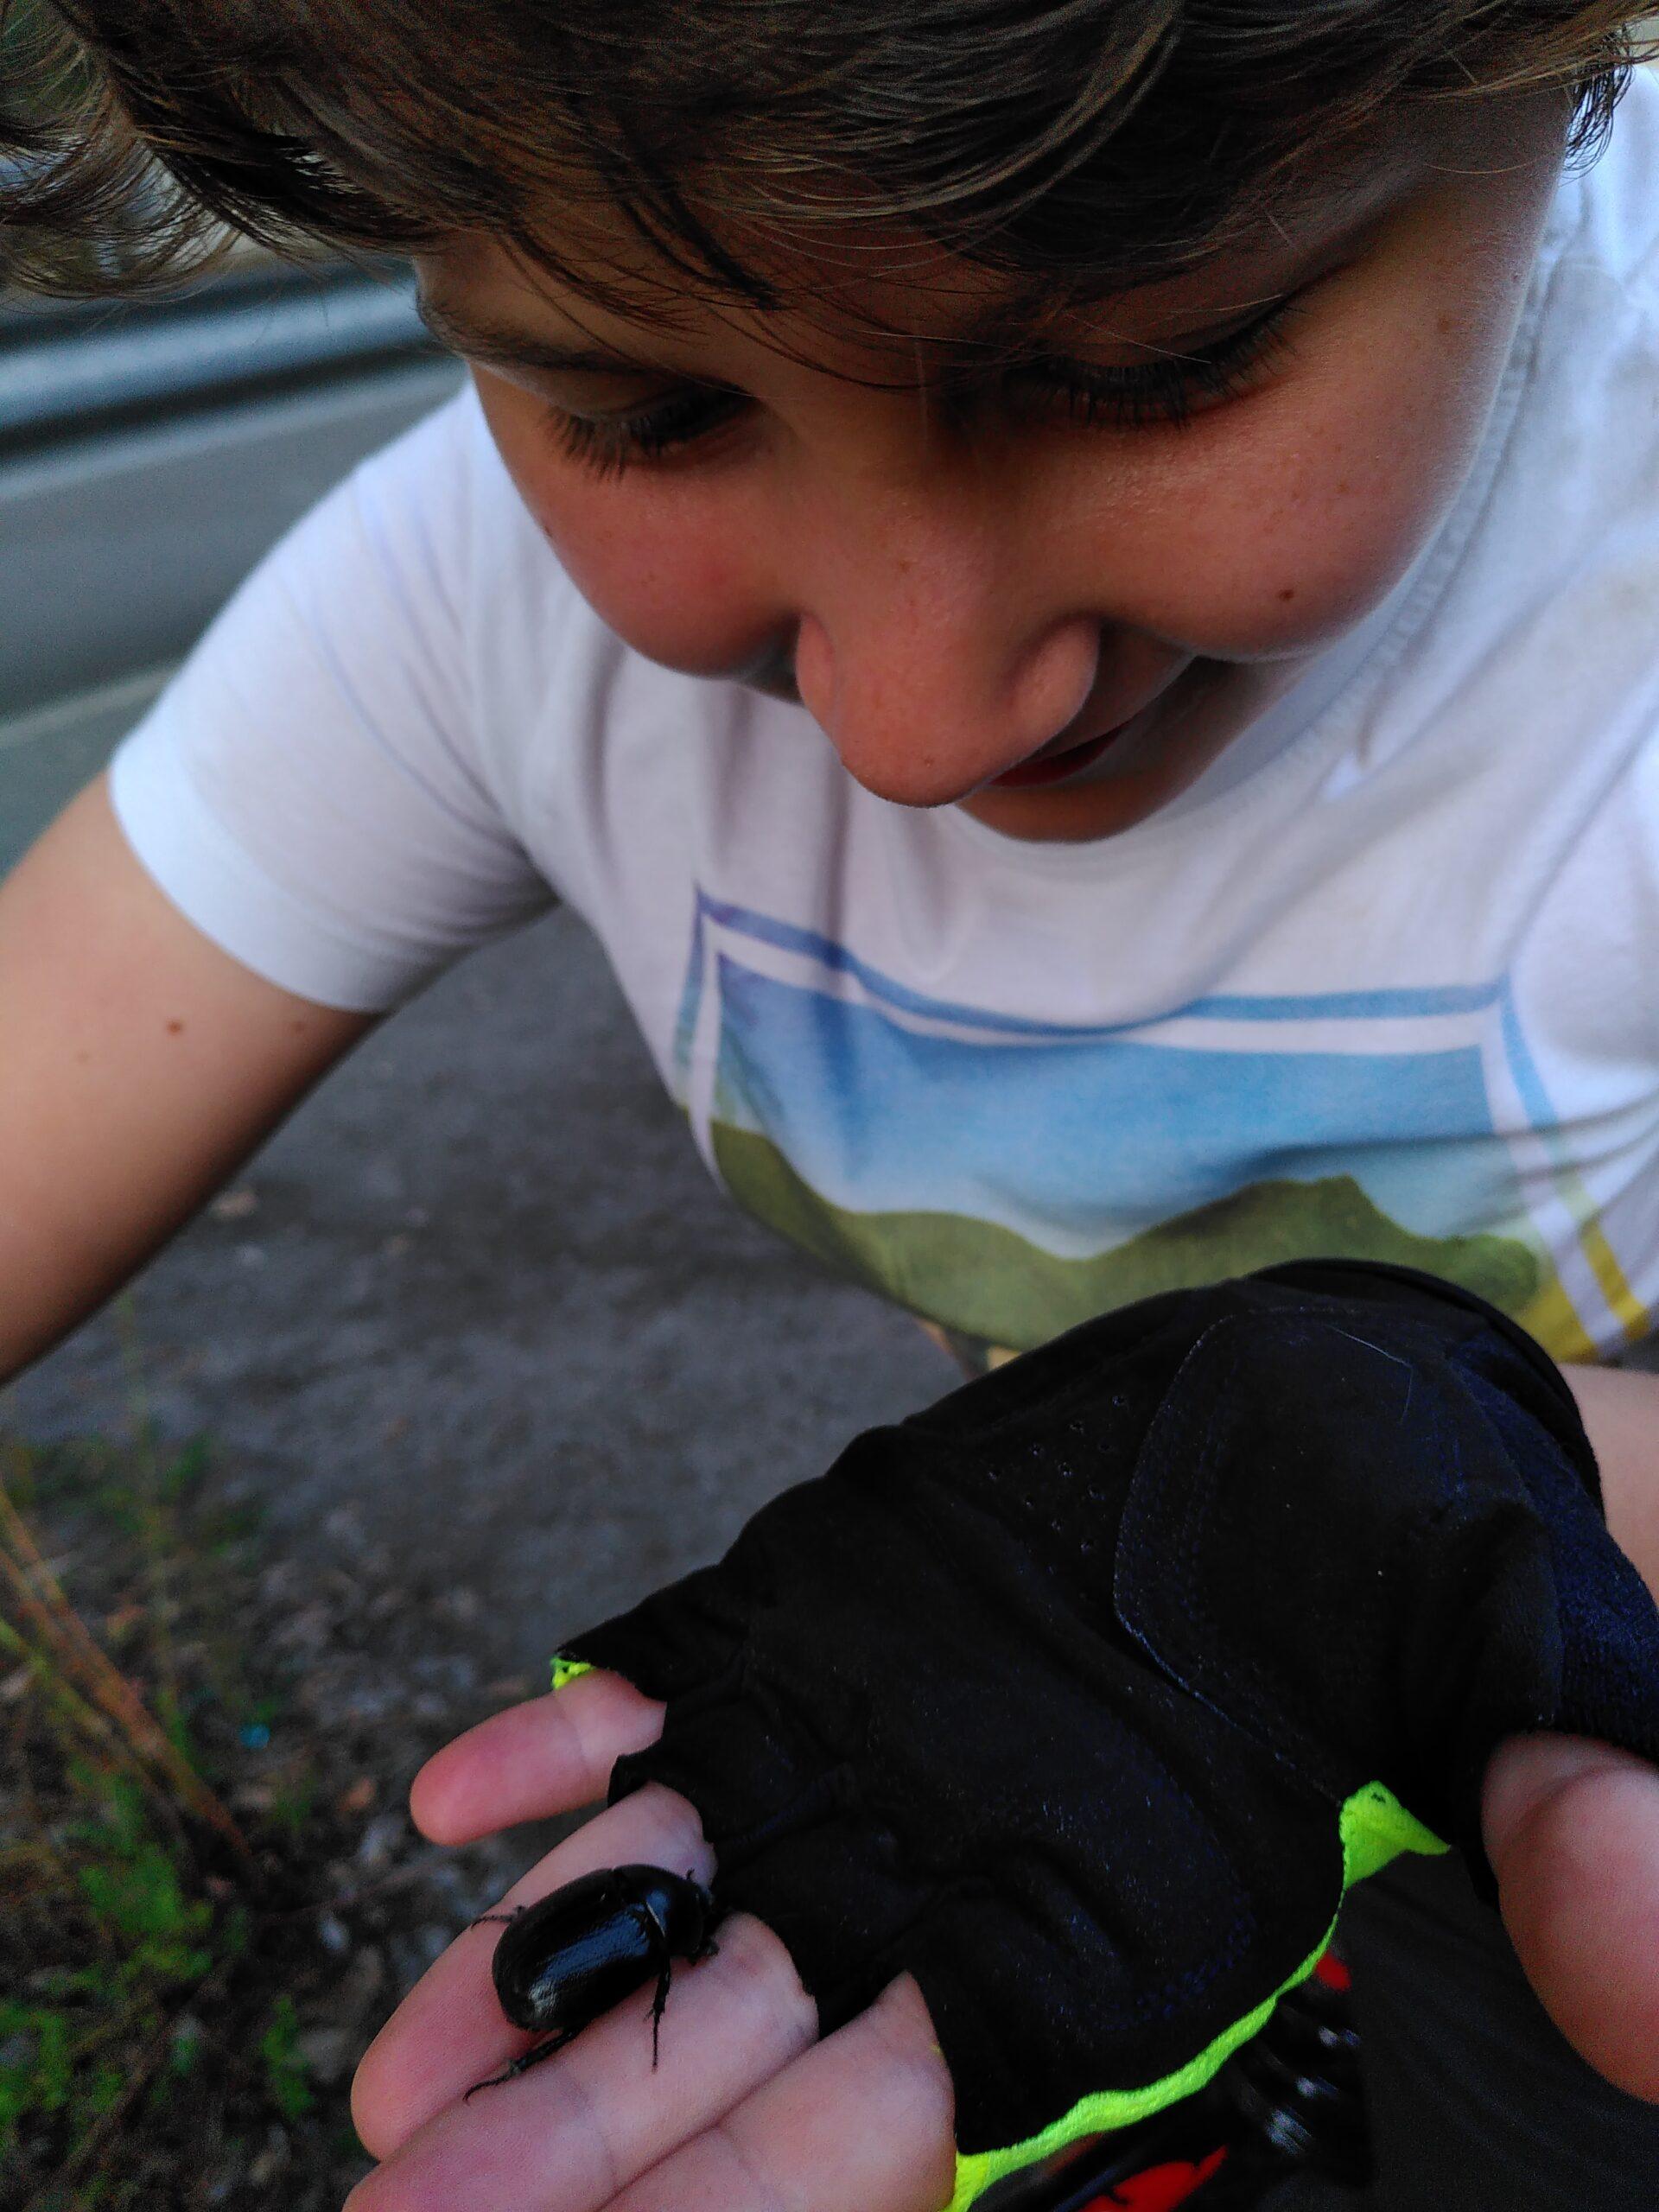 Un bambino che osserva uno scarabeo posato sulla sua mano